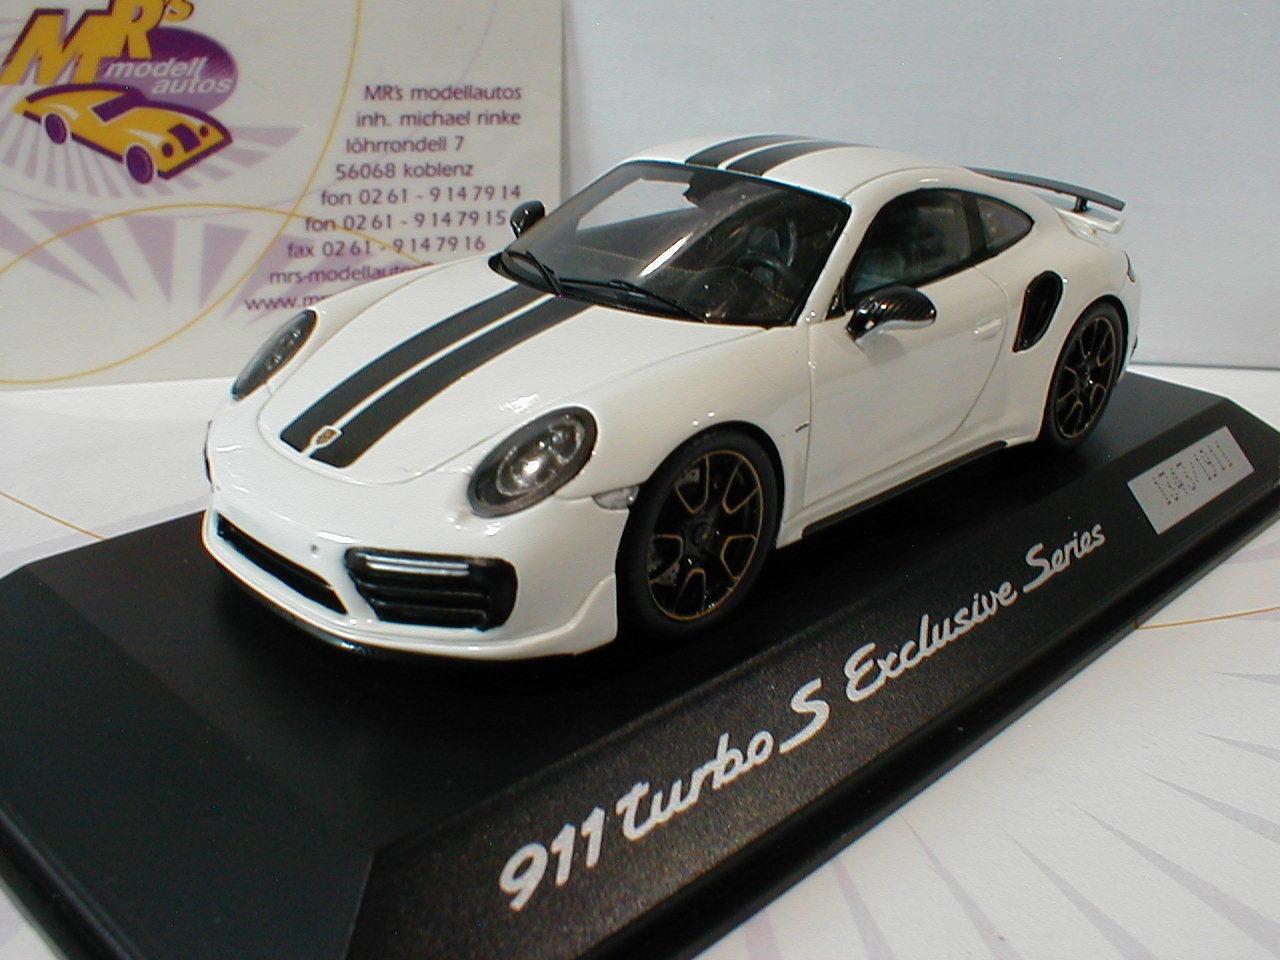 ¡no ser extrañado! Spark Spark Spark wap0209060h-Porsche 911 (991) Turbo S en  blancoo negro  1 43  opciones a bajo precio